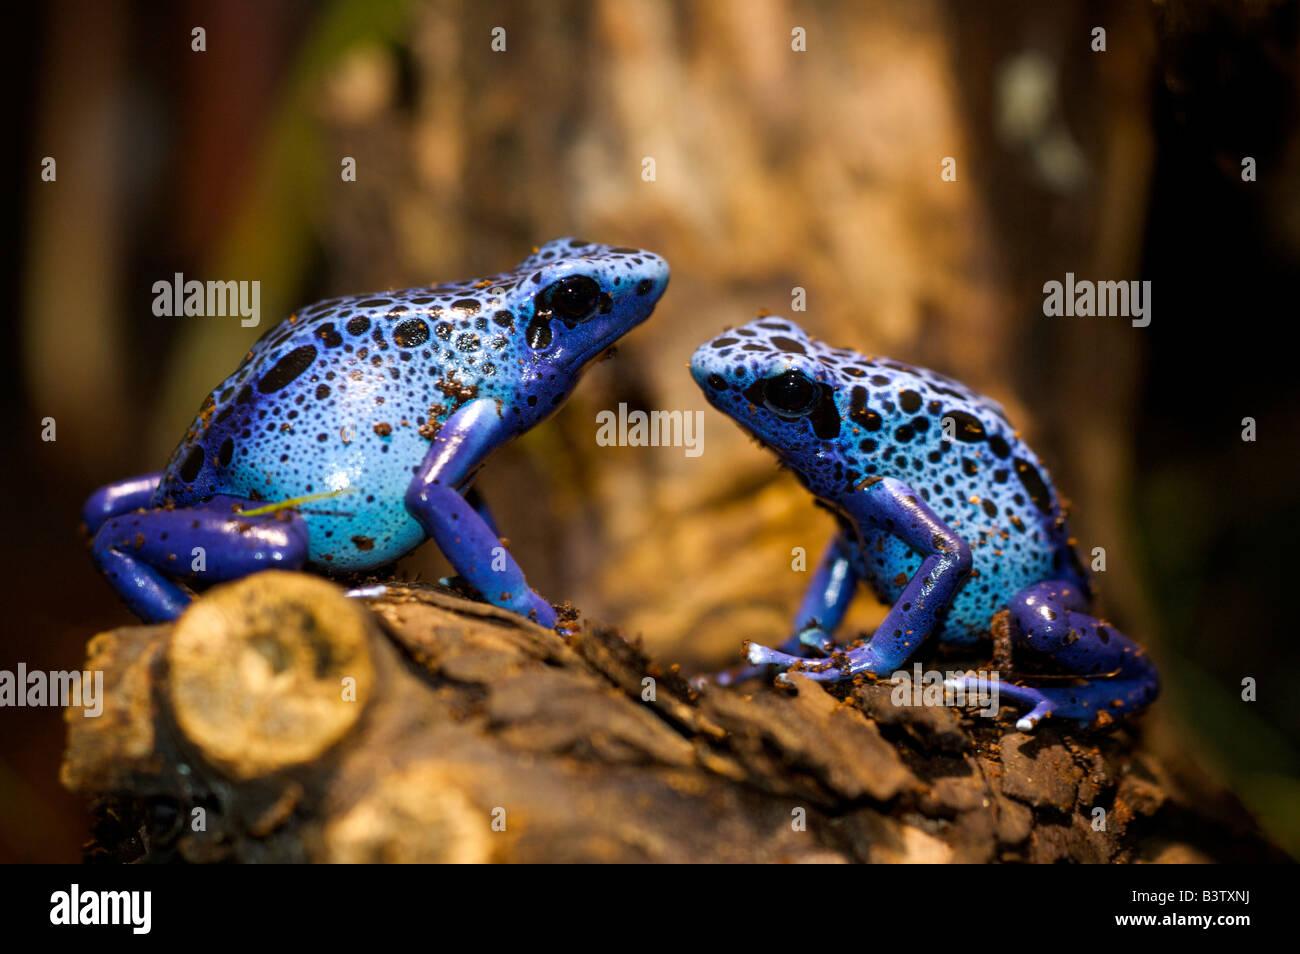 Färben vergiften Pfeil Frosch Dendrobates Tinctorius sitzen auf Holz ...